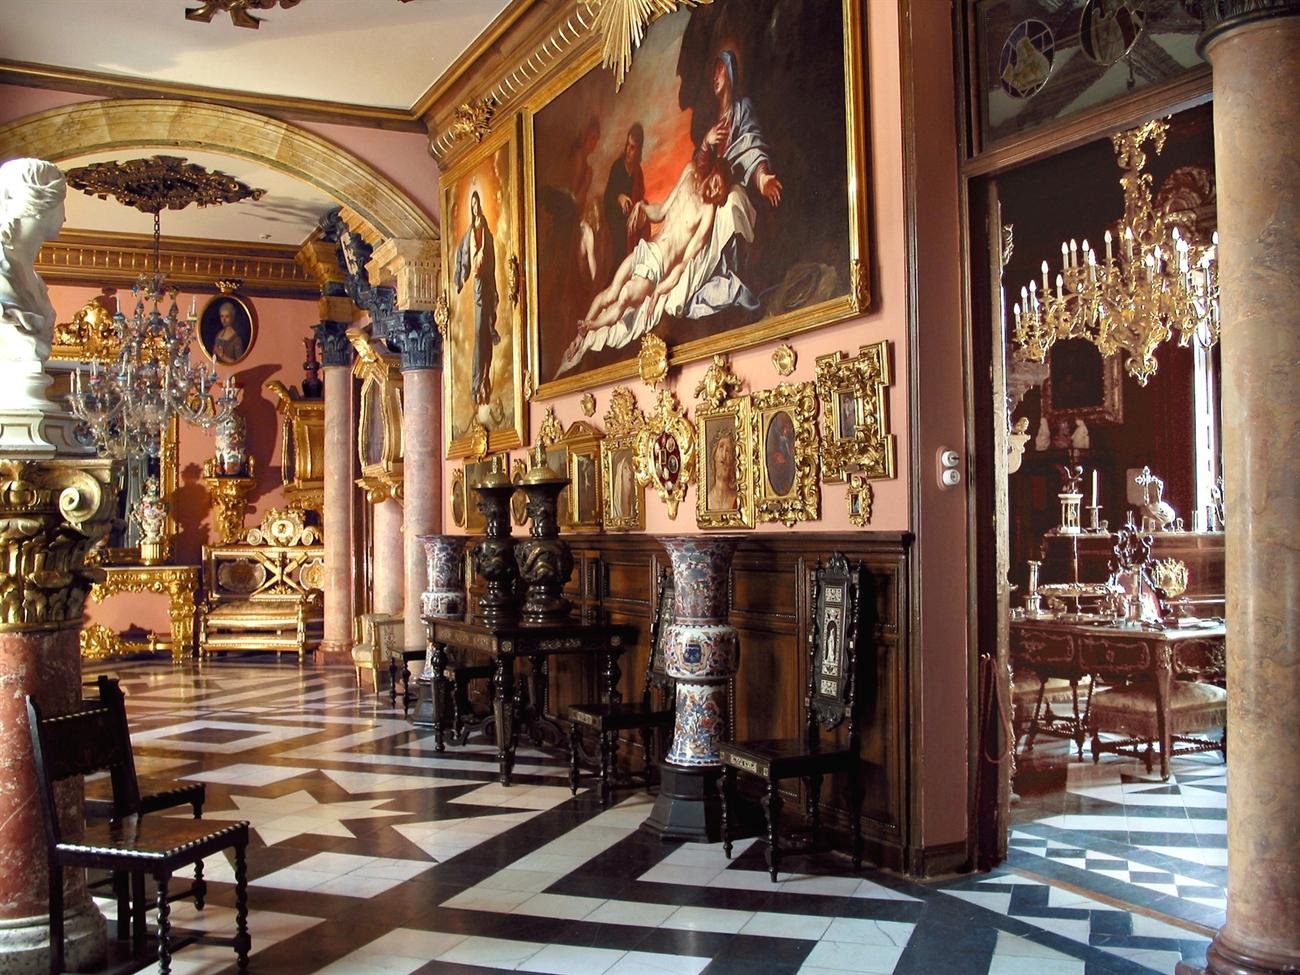 Cerralbo Museum, Madrid: All year